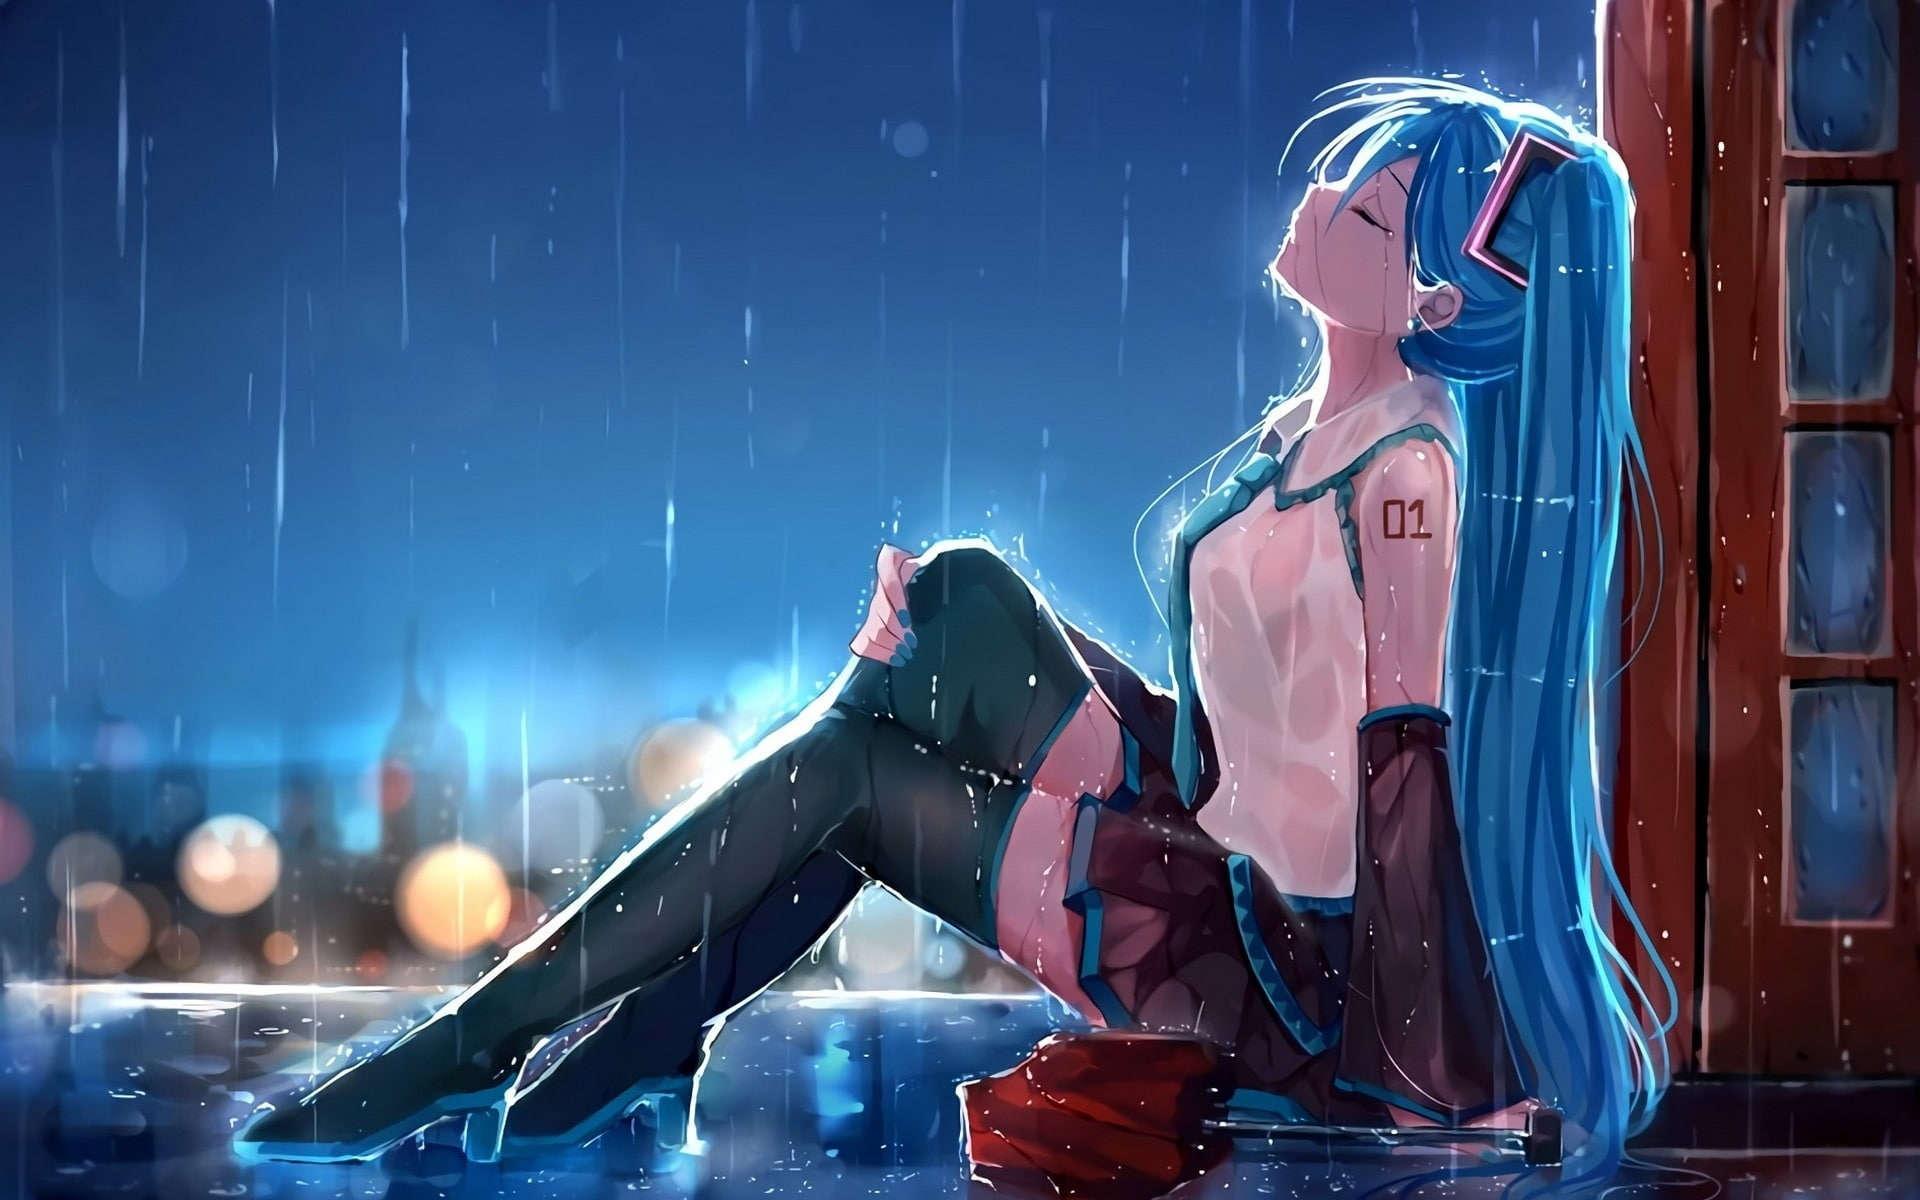 Hatsune miku sedih wallpaper